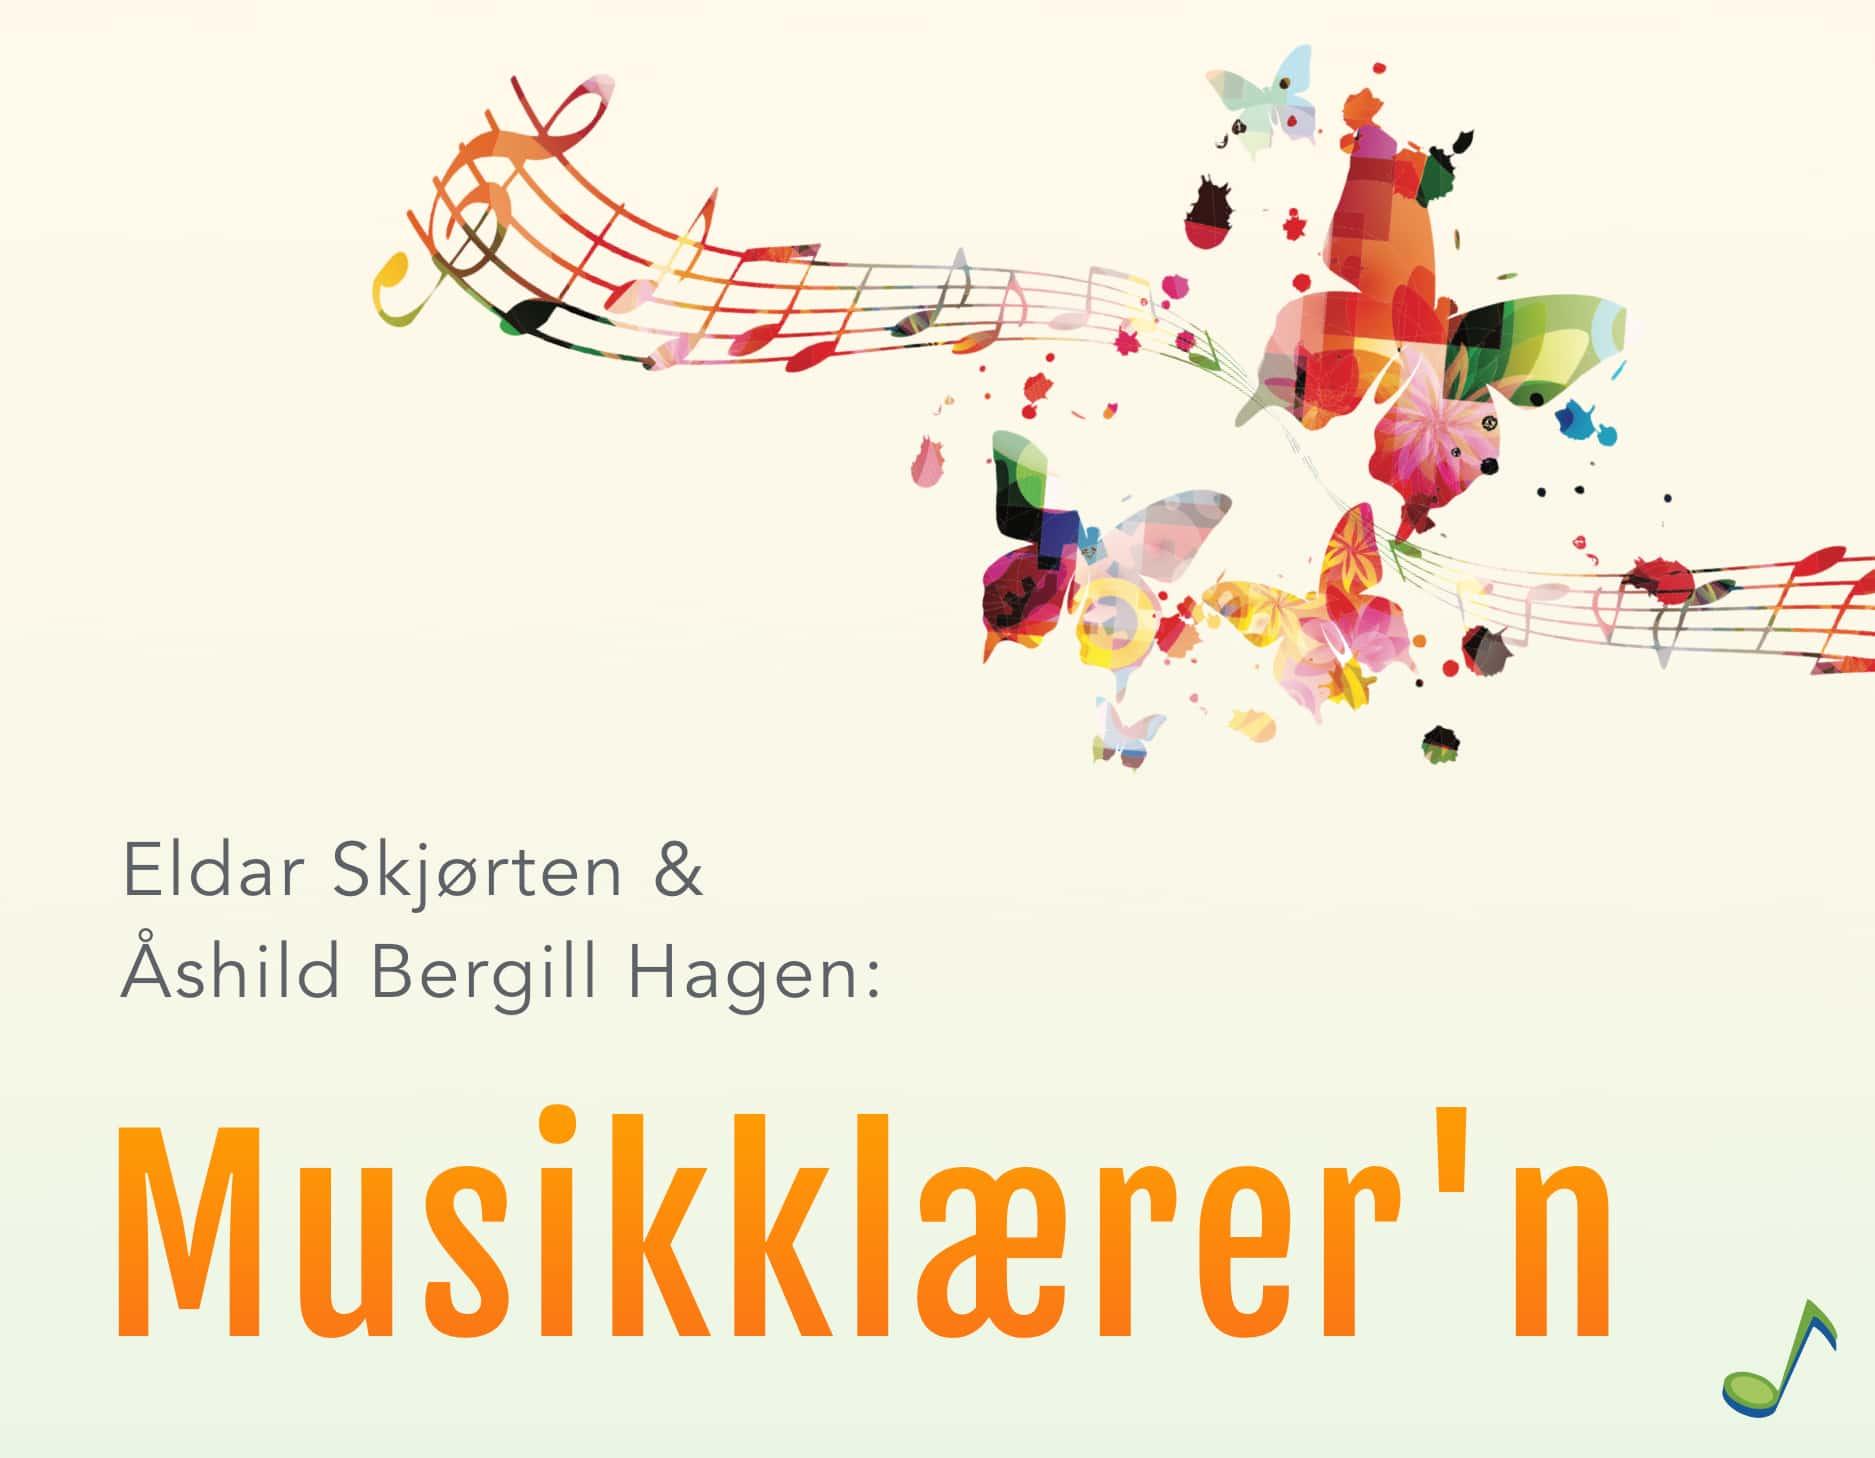 Musikklærer'n banner - noter, sommerfugler og farger - signaliserer kreativitet